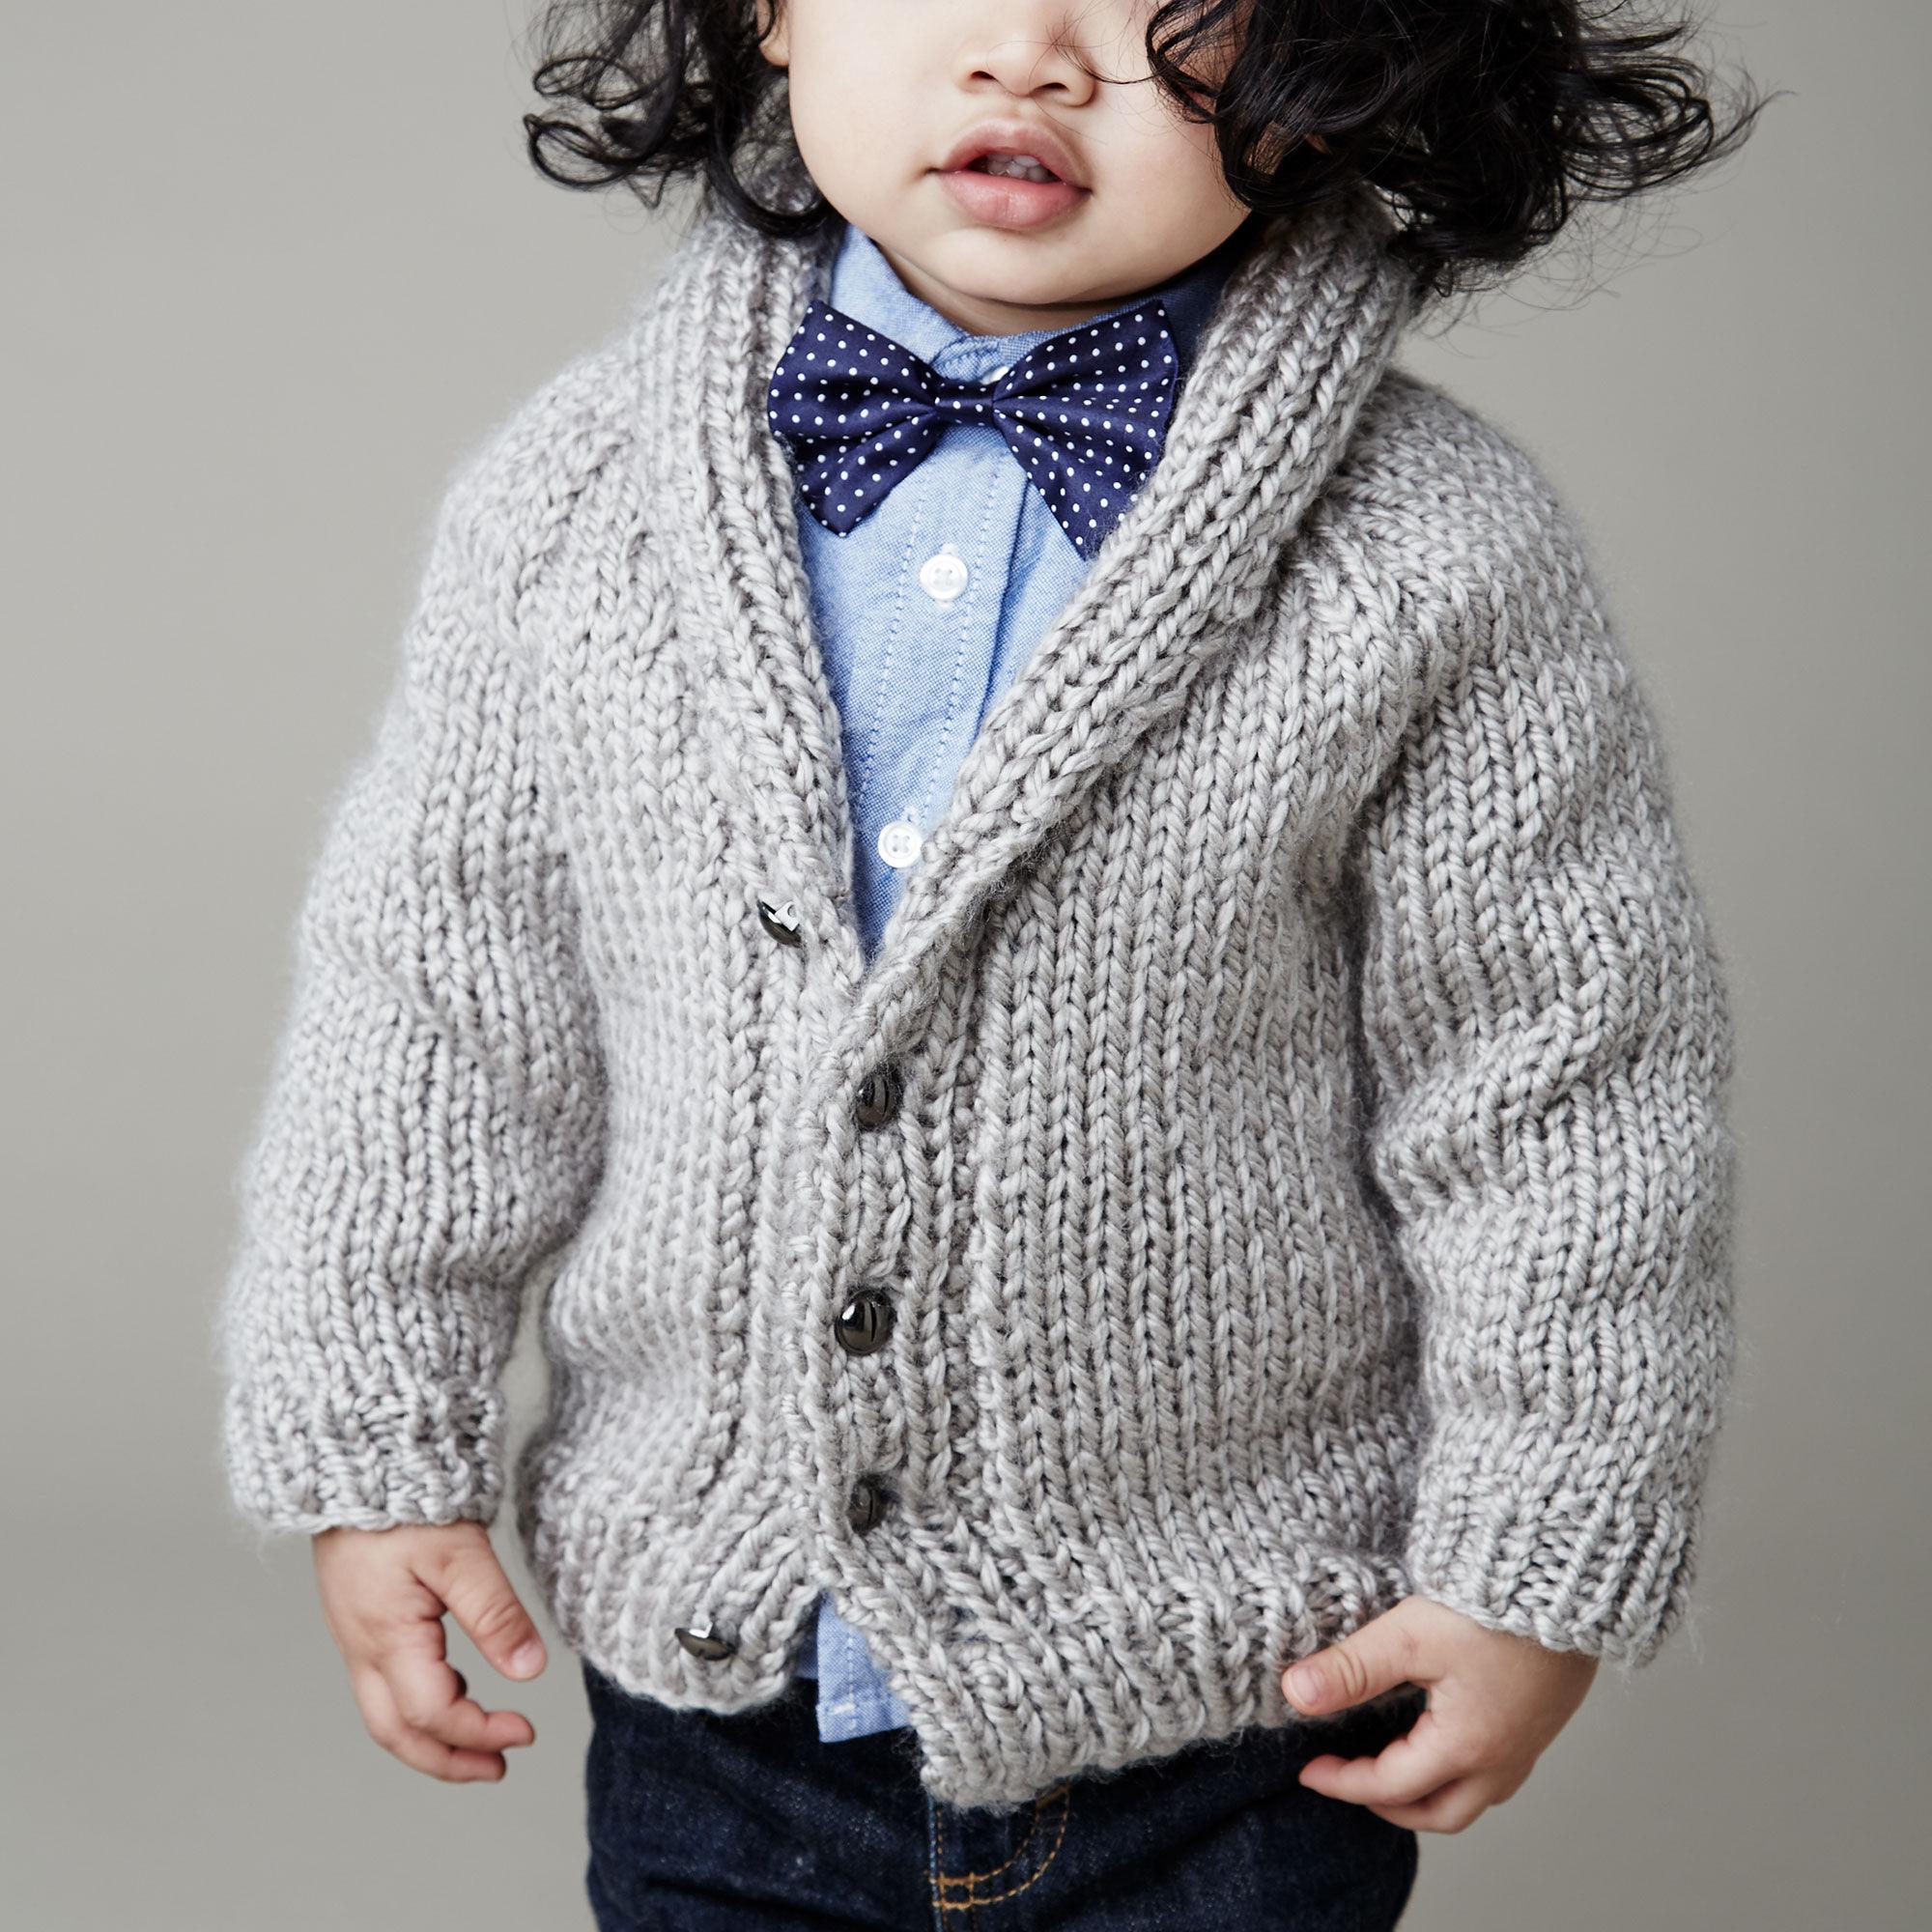 Bernat Shawl Collar Cardigan, 6 months | Yarnspirations